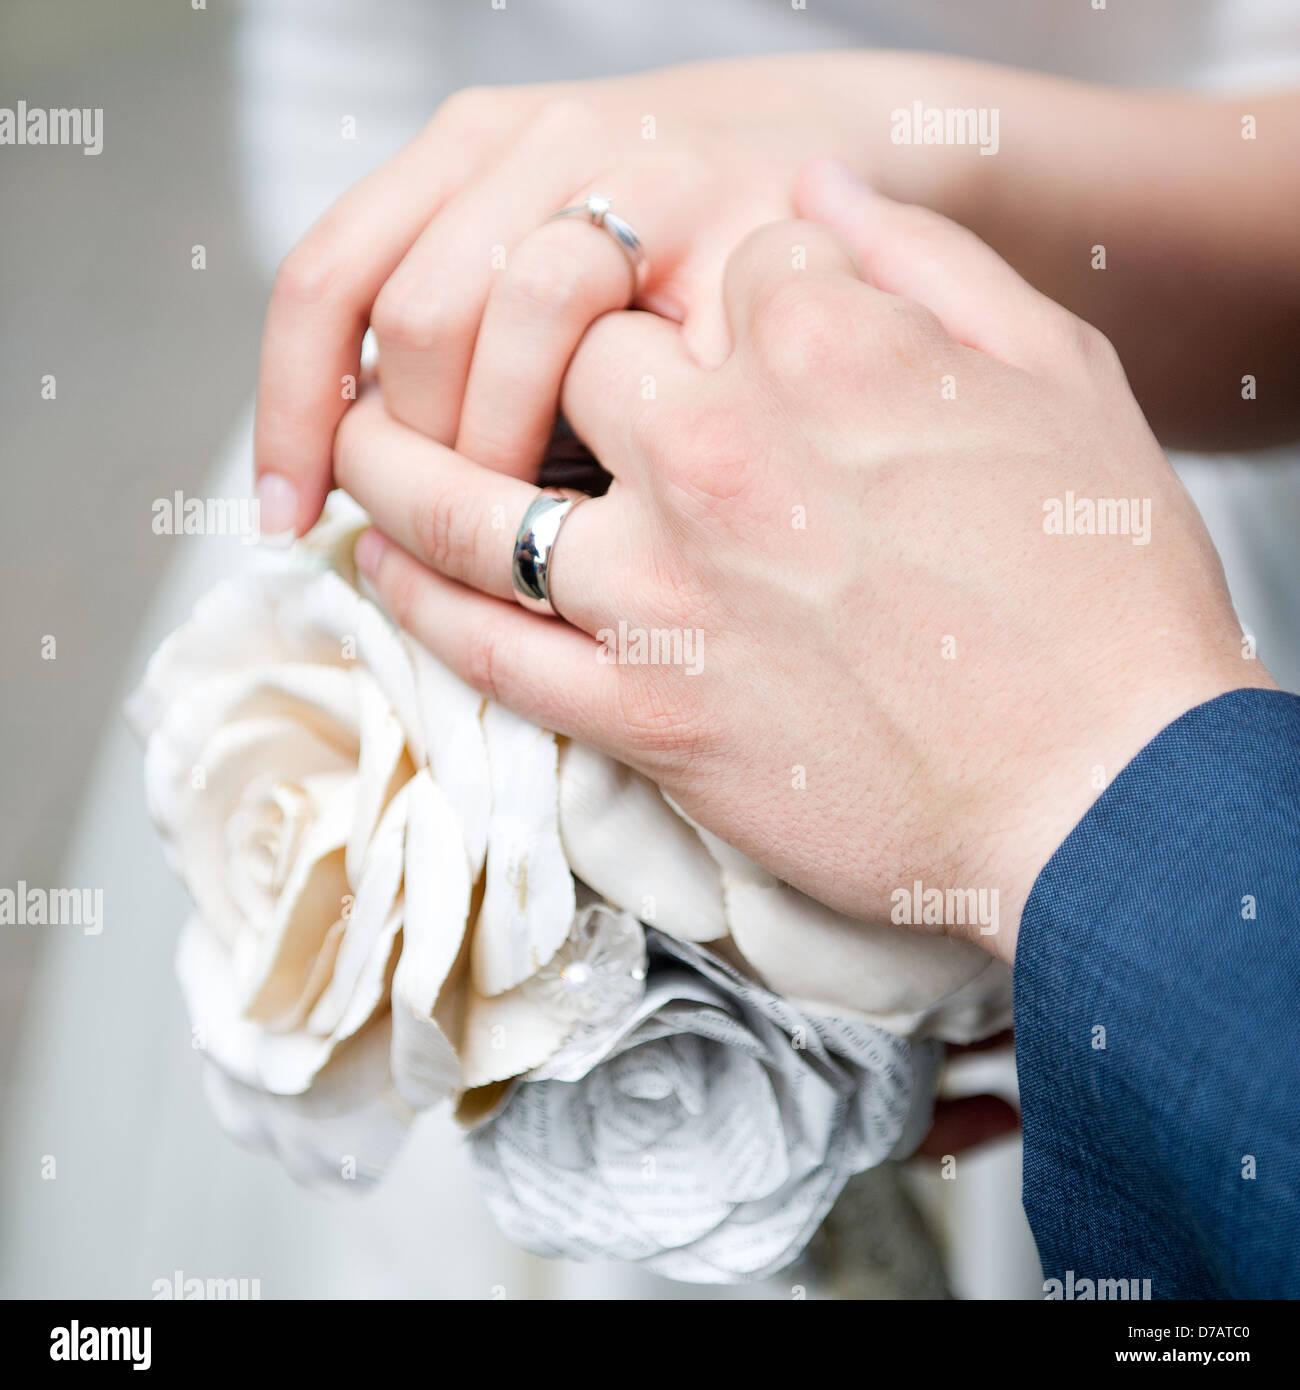 Wedding Rings Flowers Hands Stock Photos & Wedding Rings Flowers ...